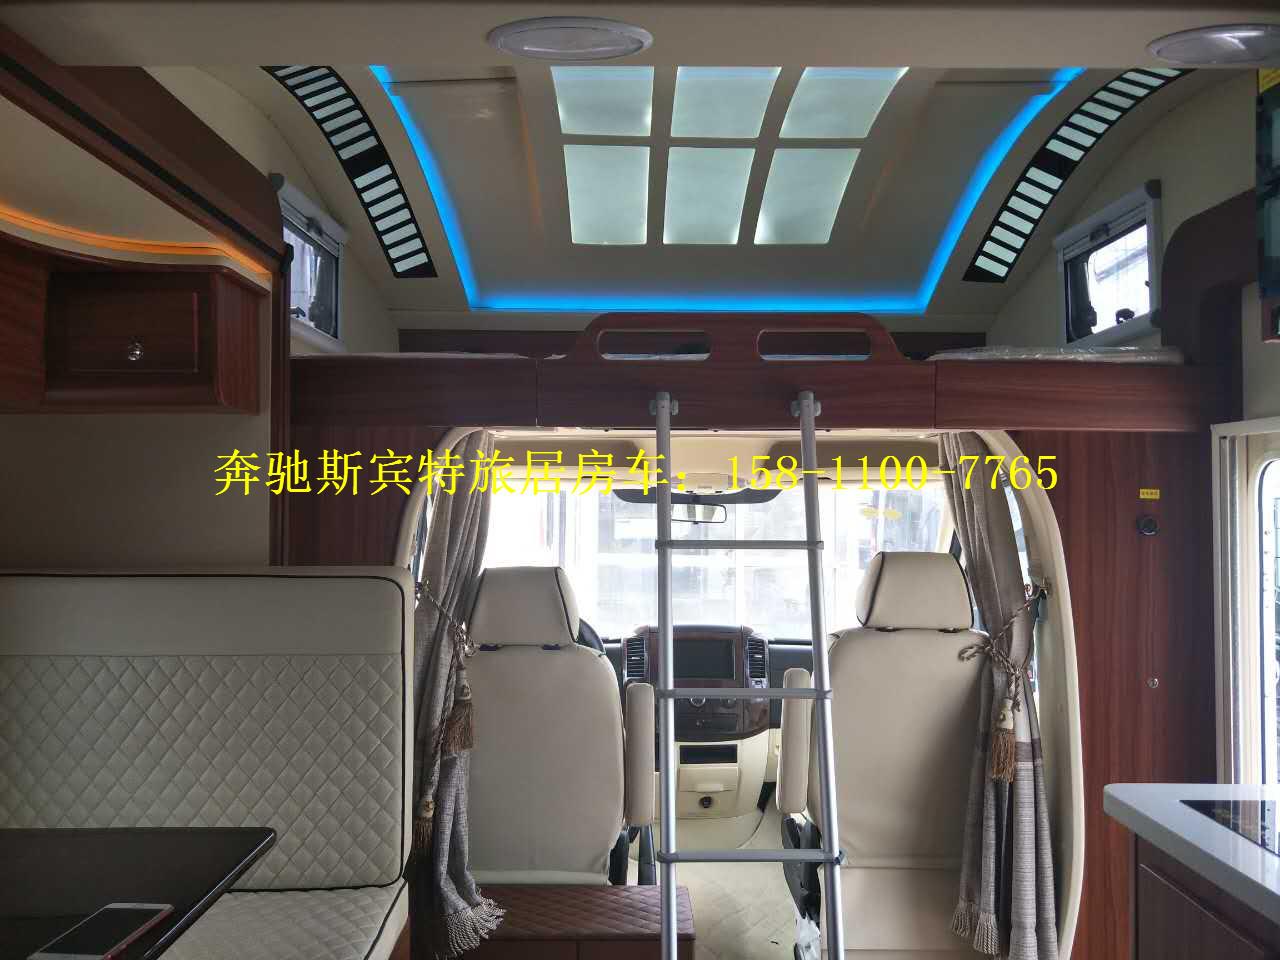 进口奔驰斯宾特324旅居房车报价-蓝牌c照可分